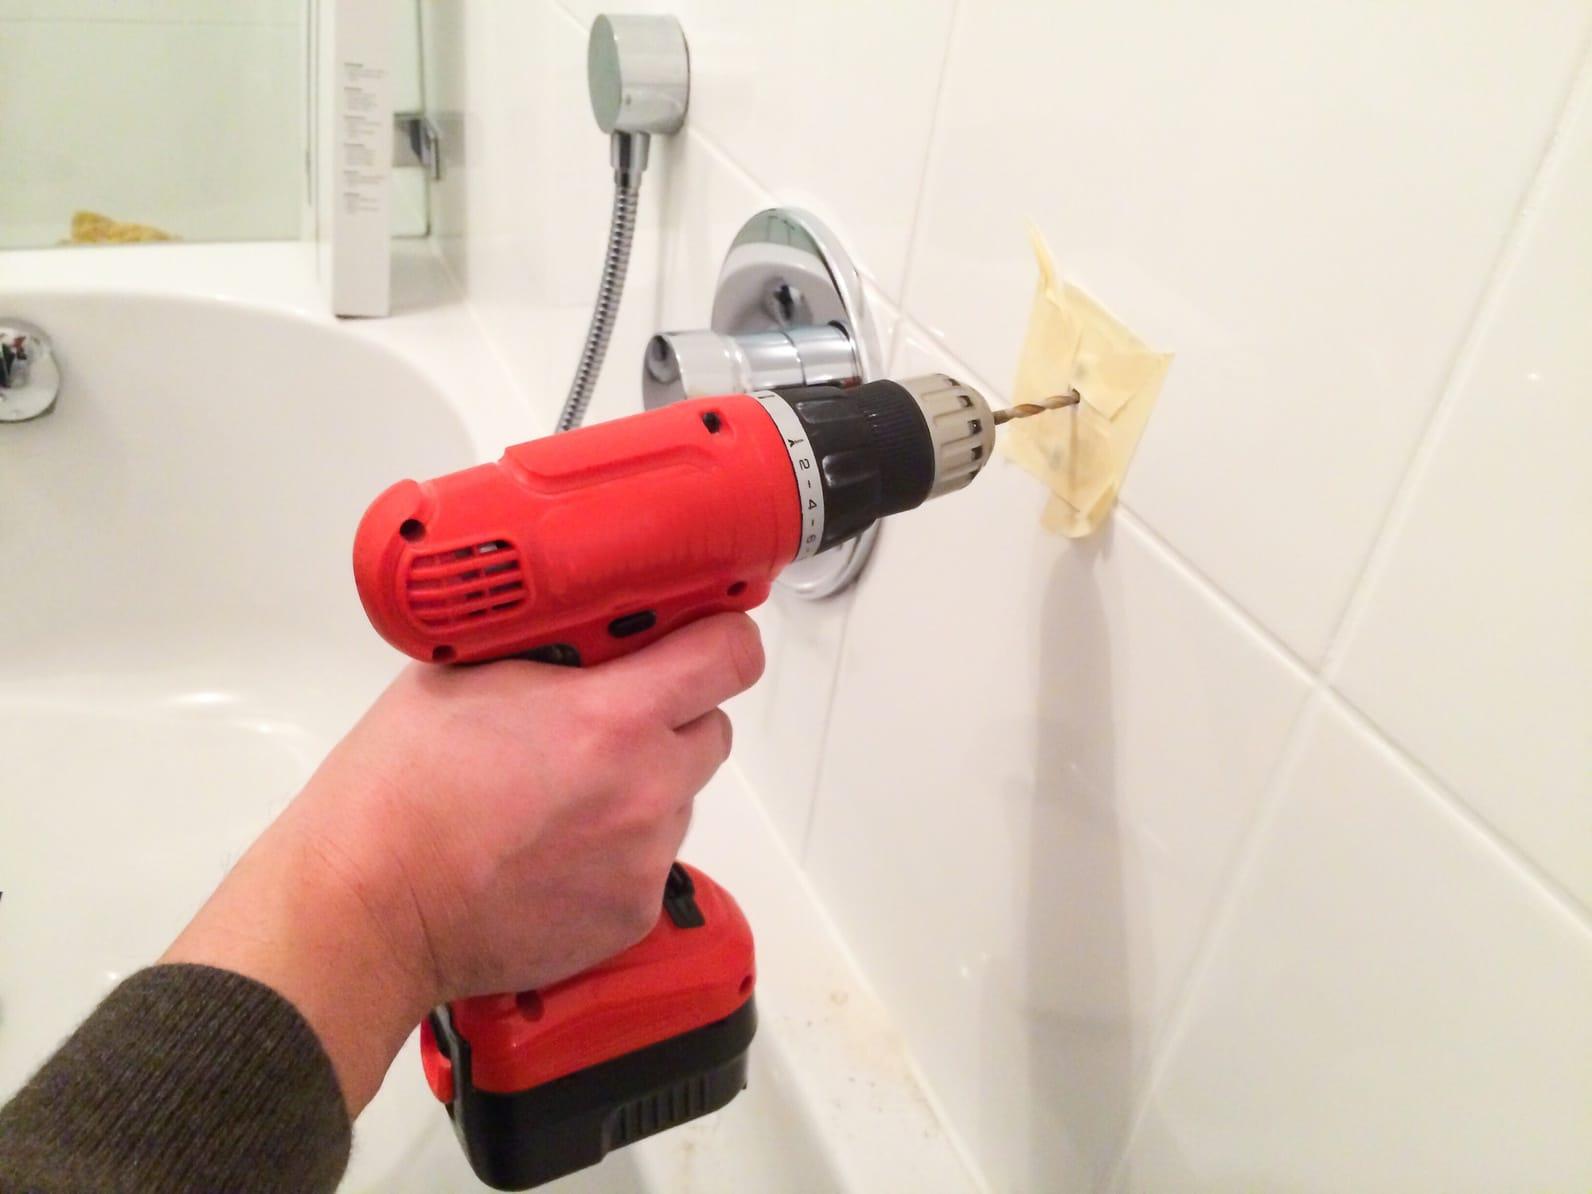 In fliesen bohren schritt f r schritt anleitung - Badezimmer putzen anleitung ...